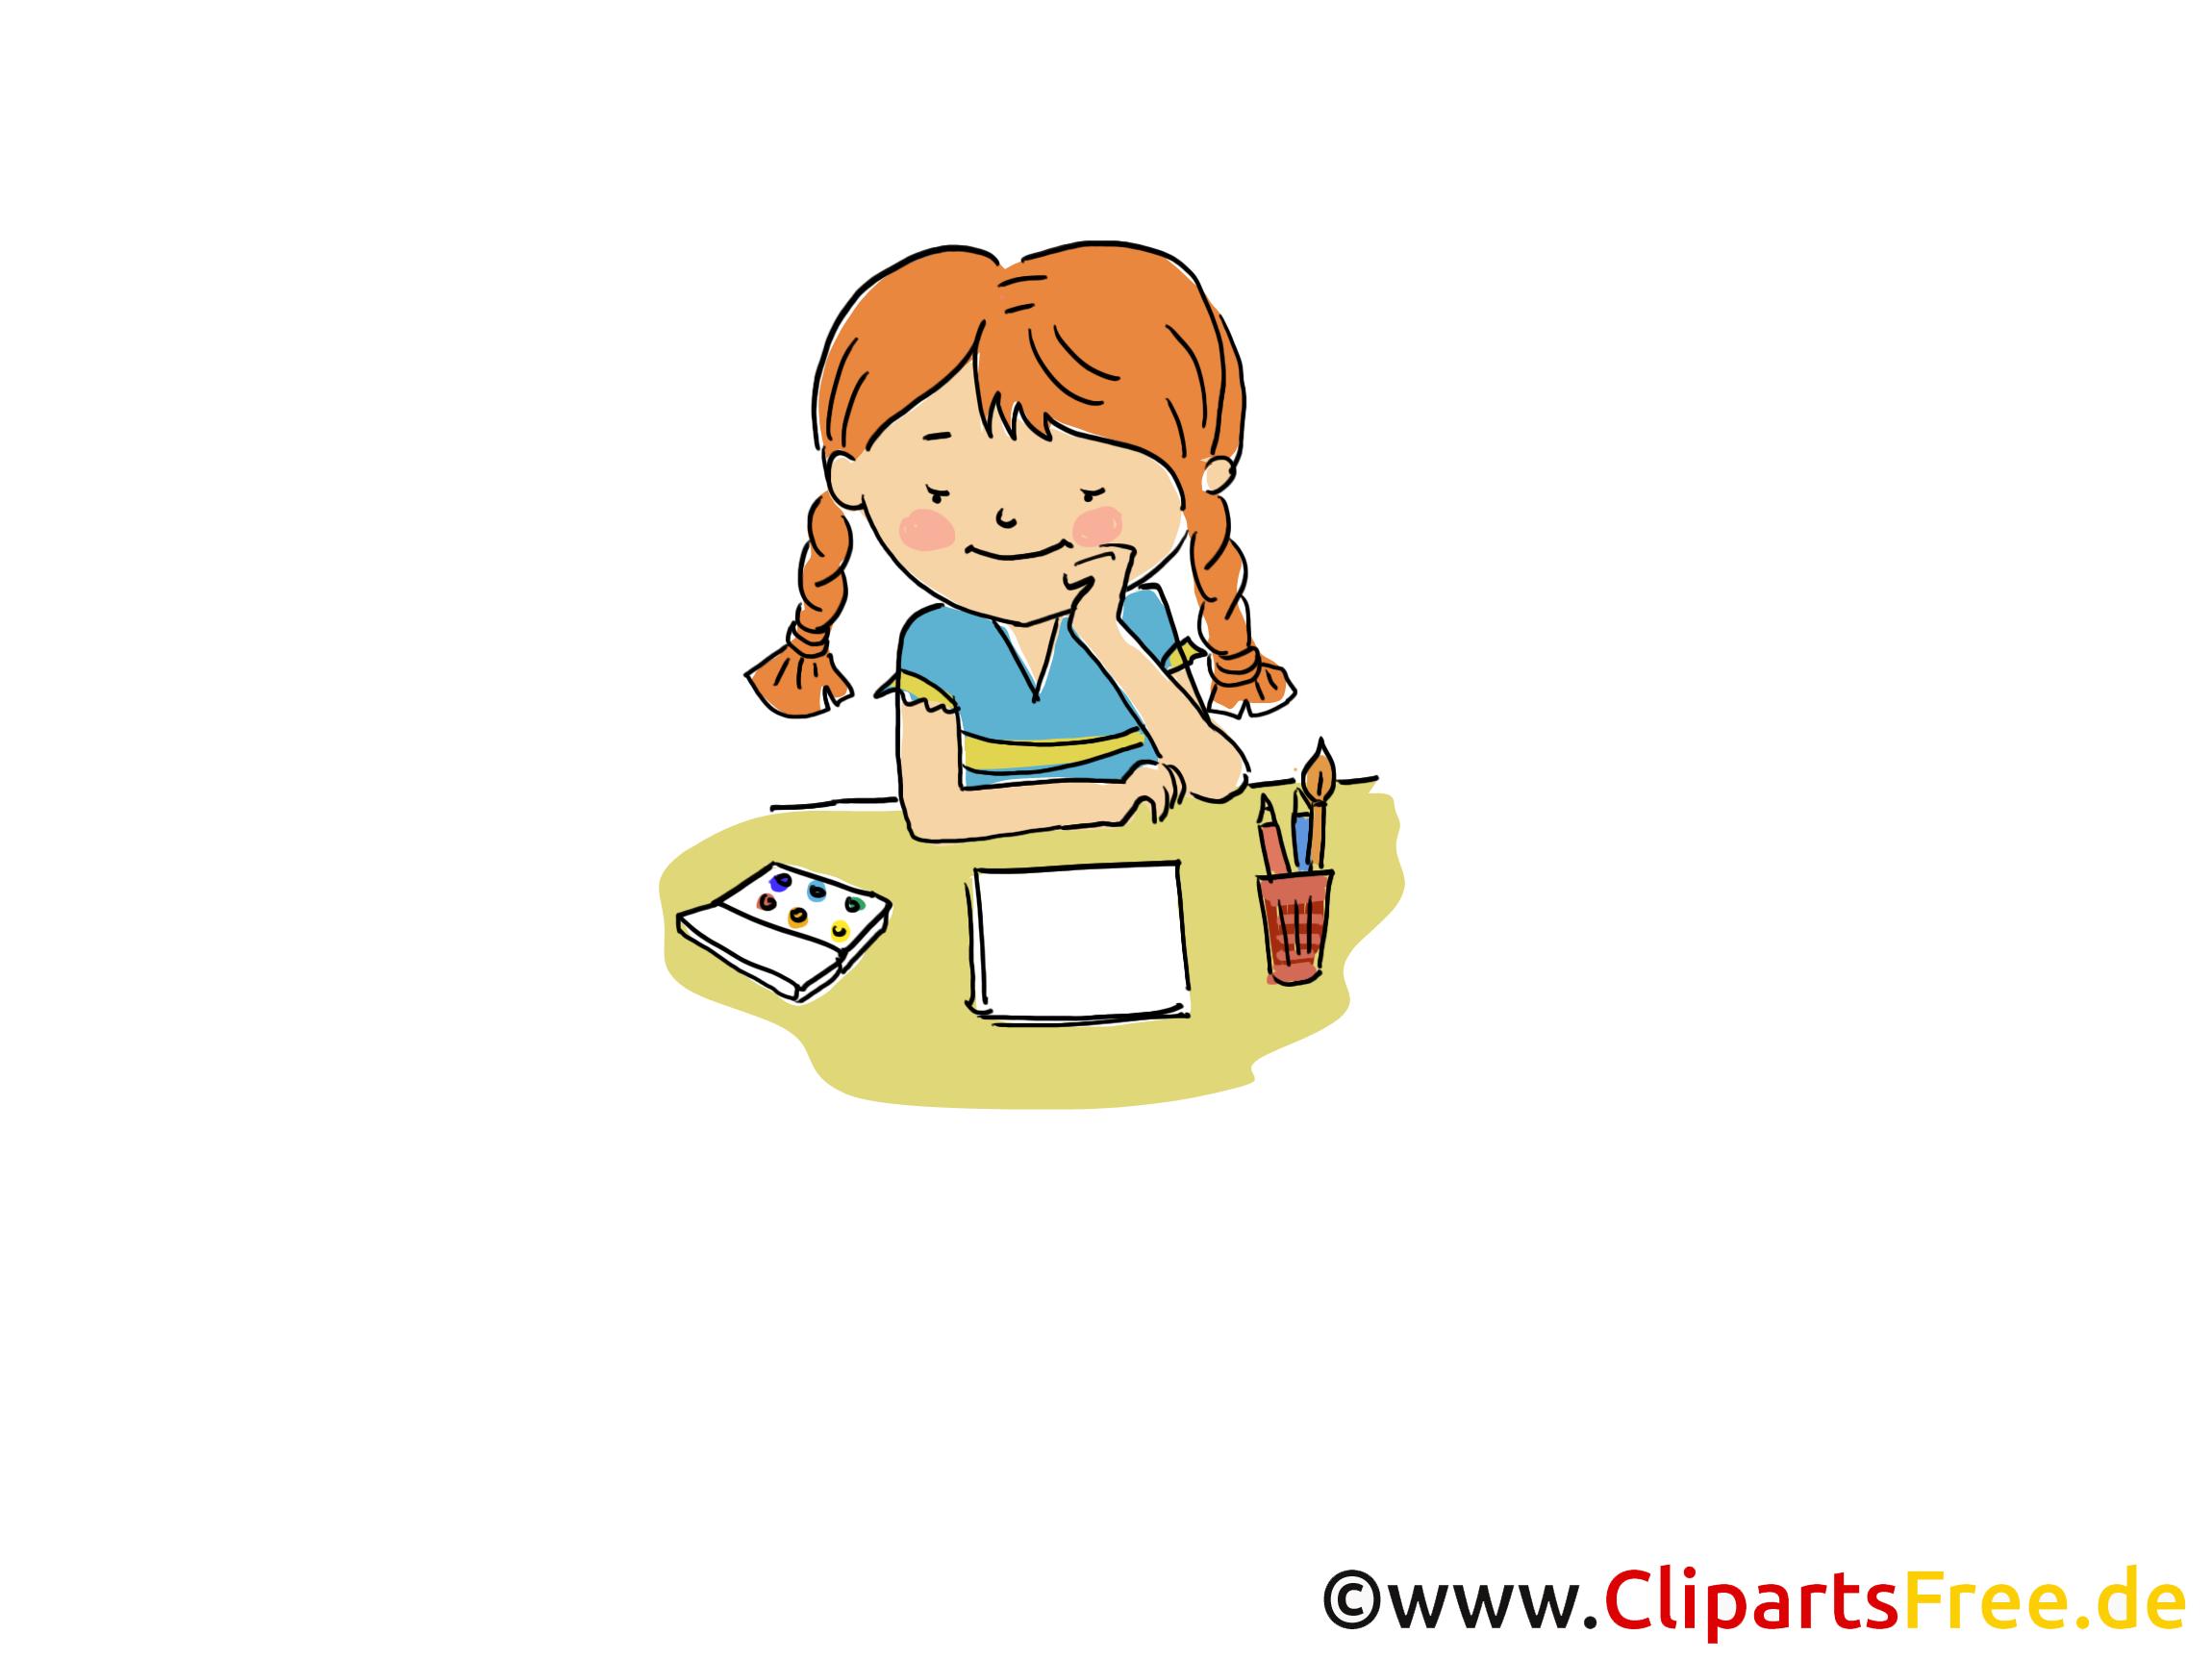 Dessiner image gratuite - Maternelle illustration